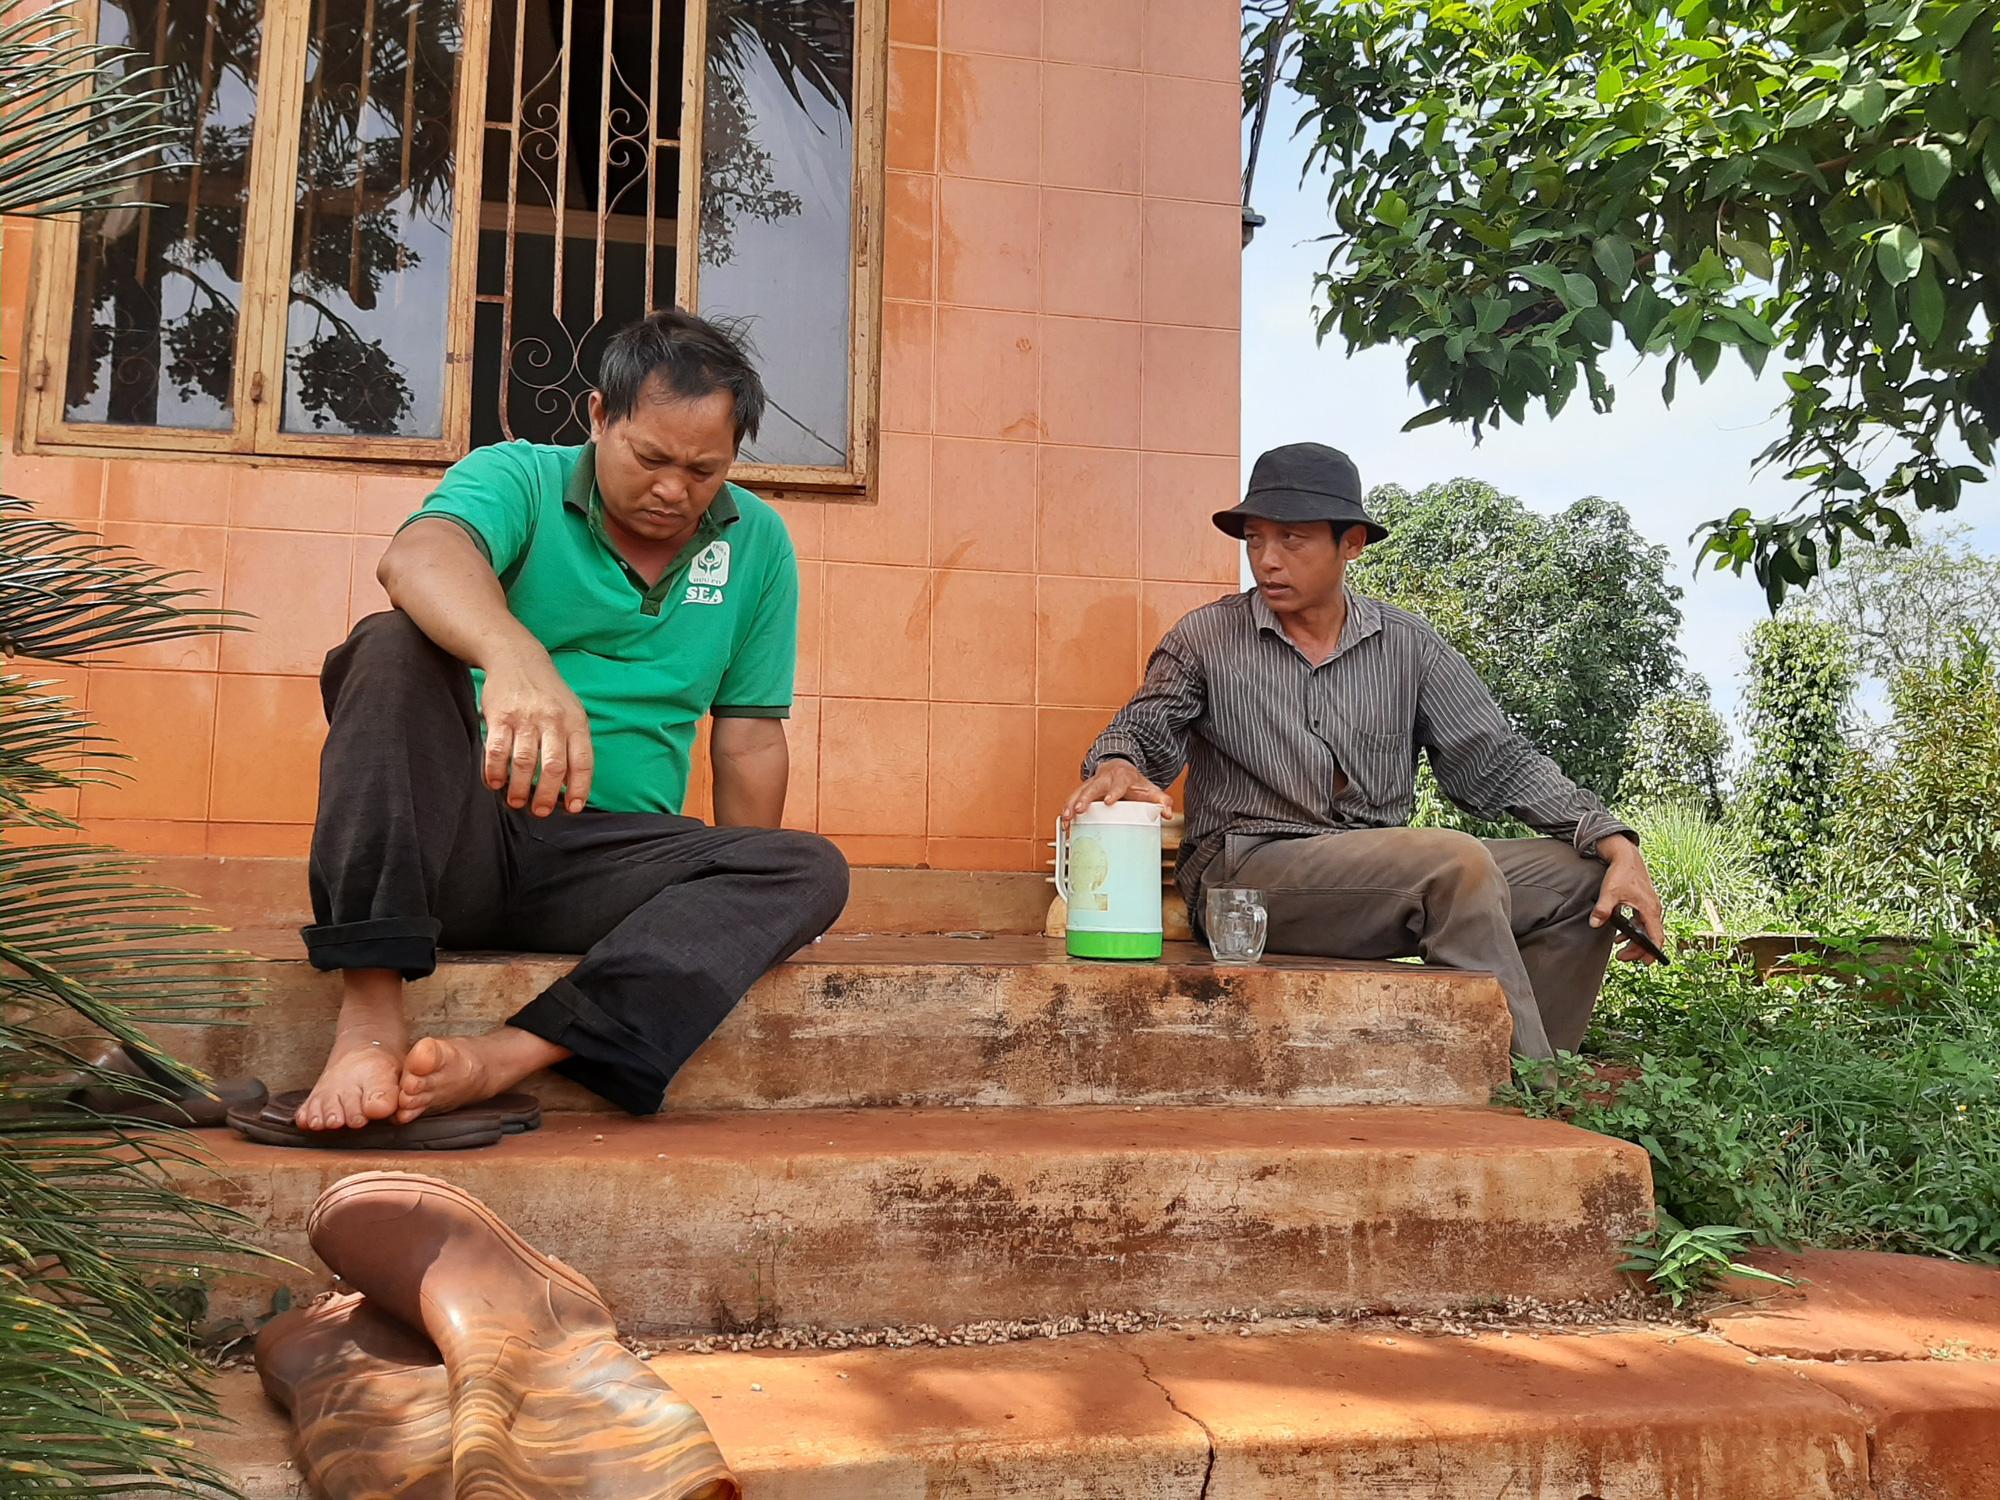 Tây Nguyên: Cây trồng chết la liệt khi bón phân của Công ty ở TP.HCM - Ảnh 1.